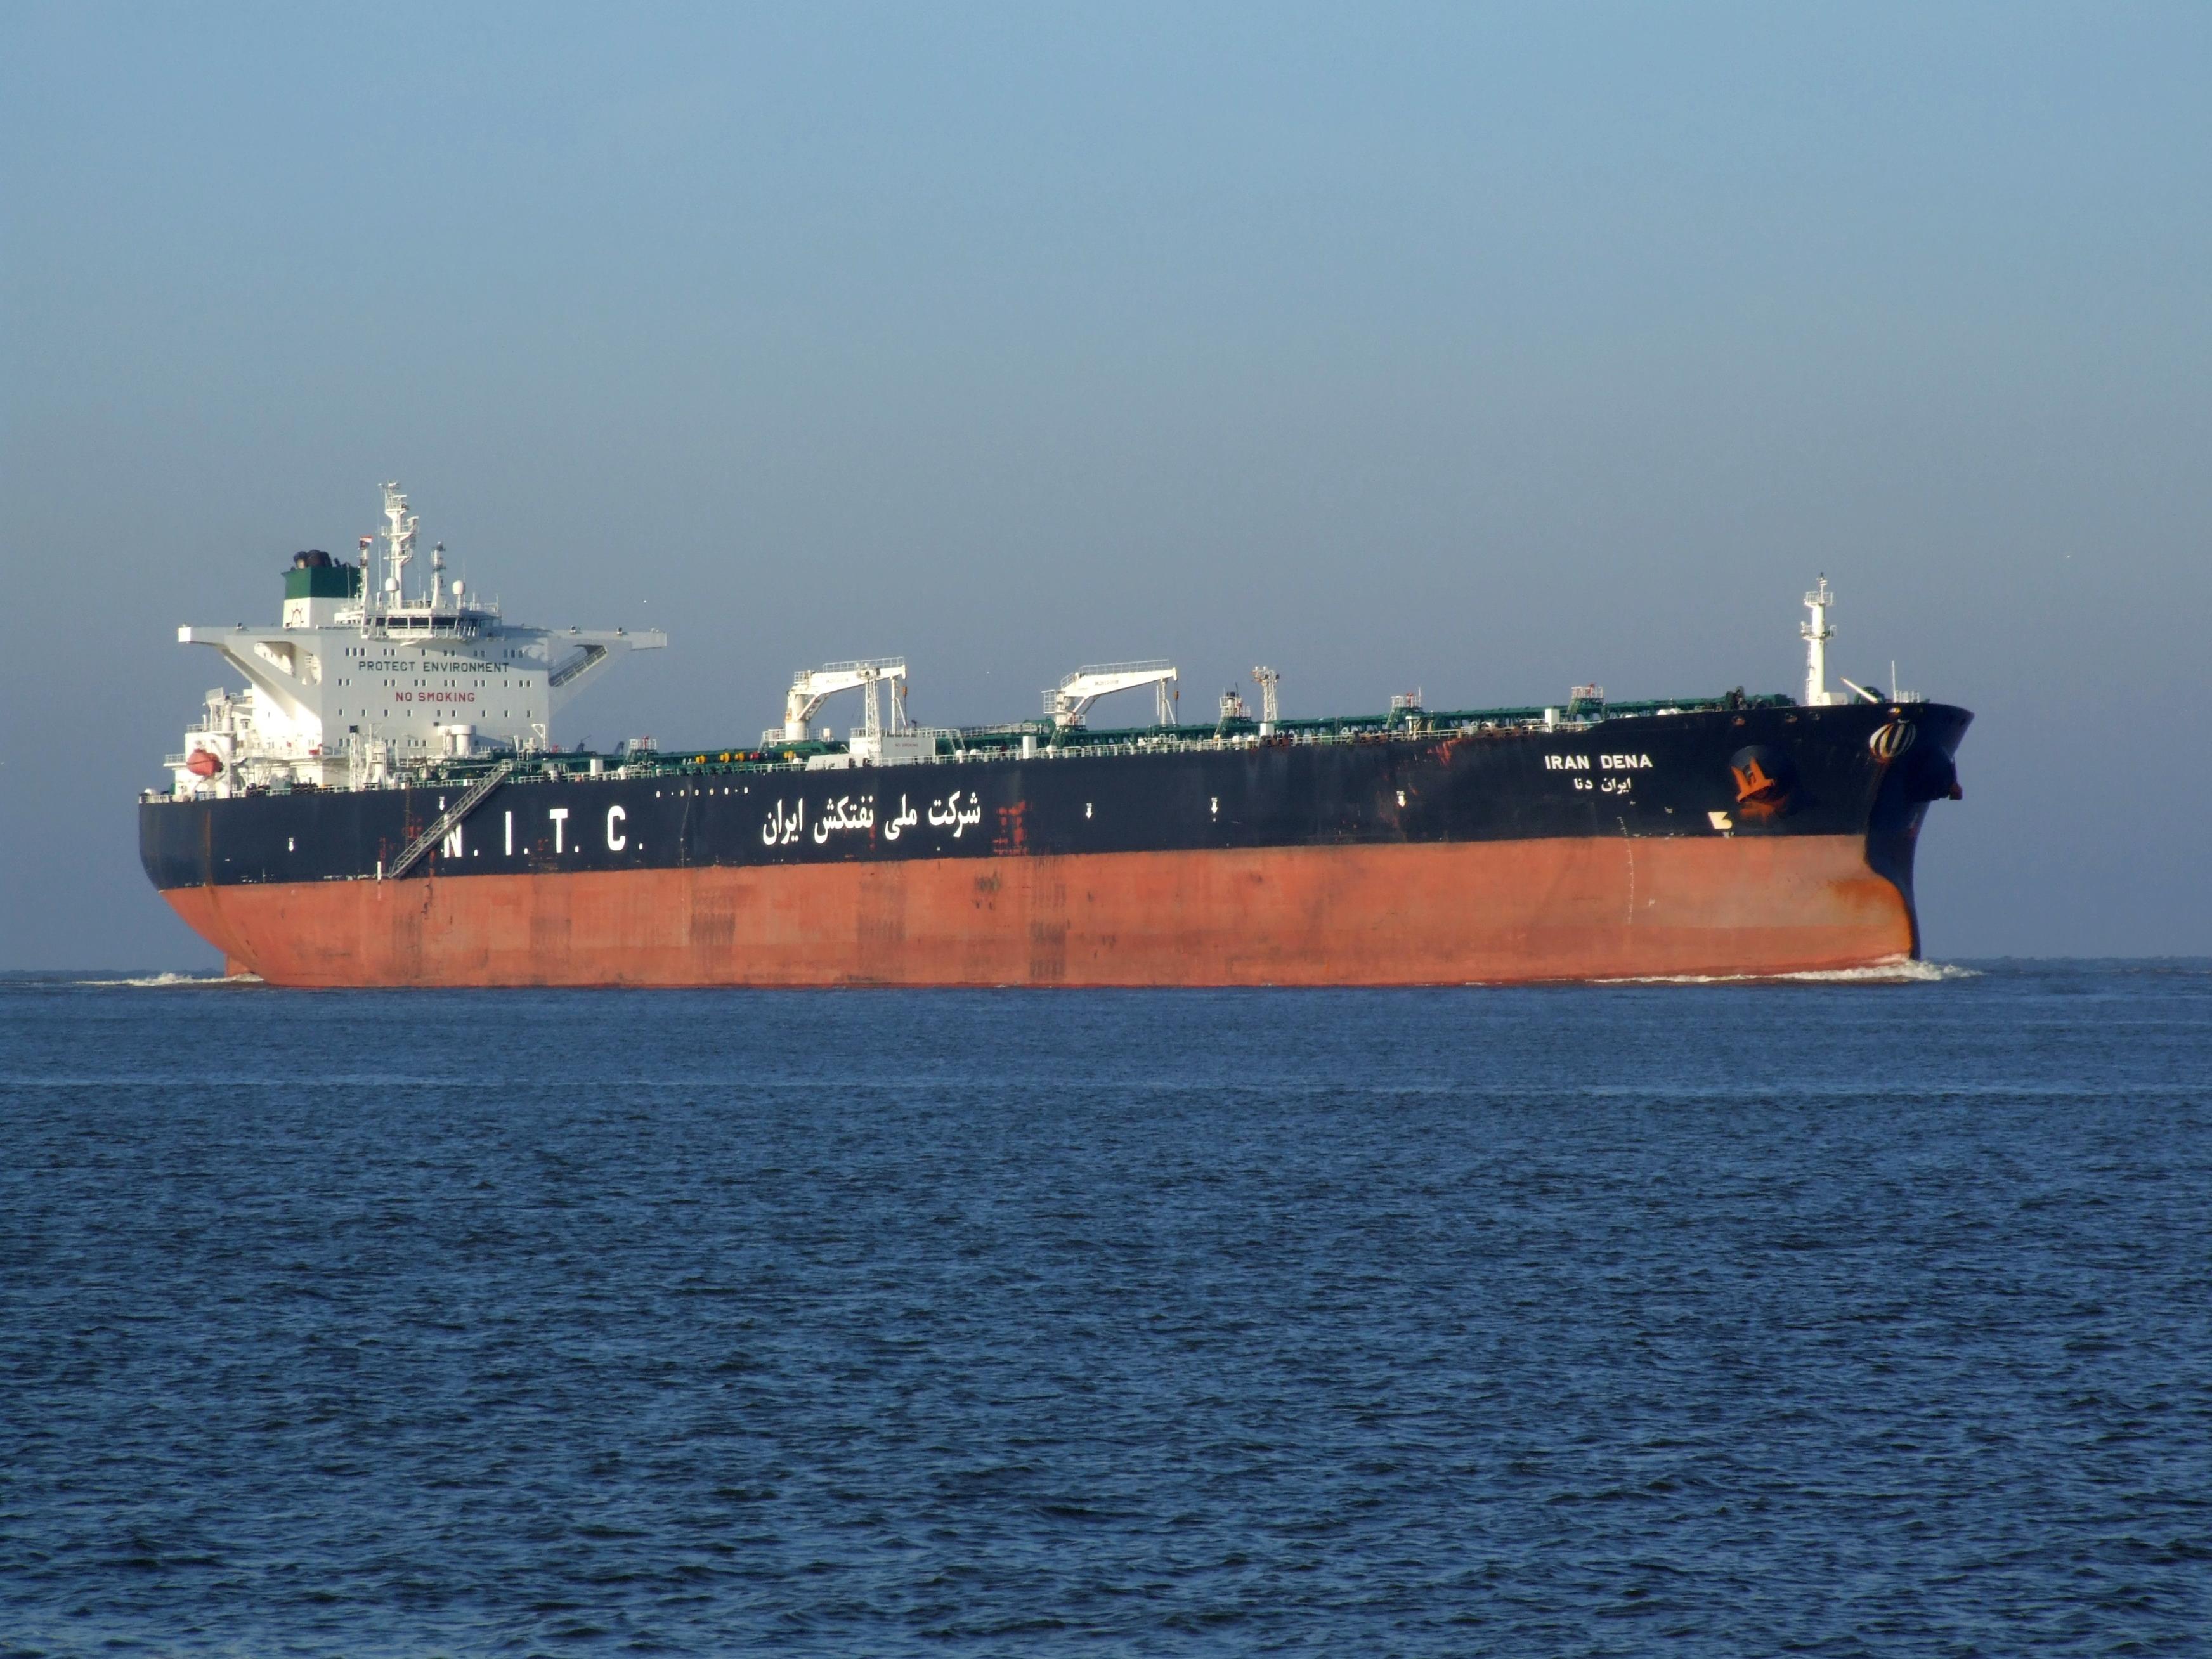 Иран доставил в Венесуэлу оборудование для производства бензина